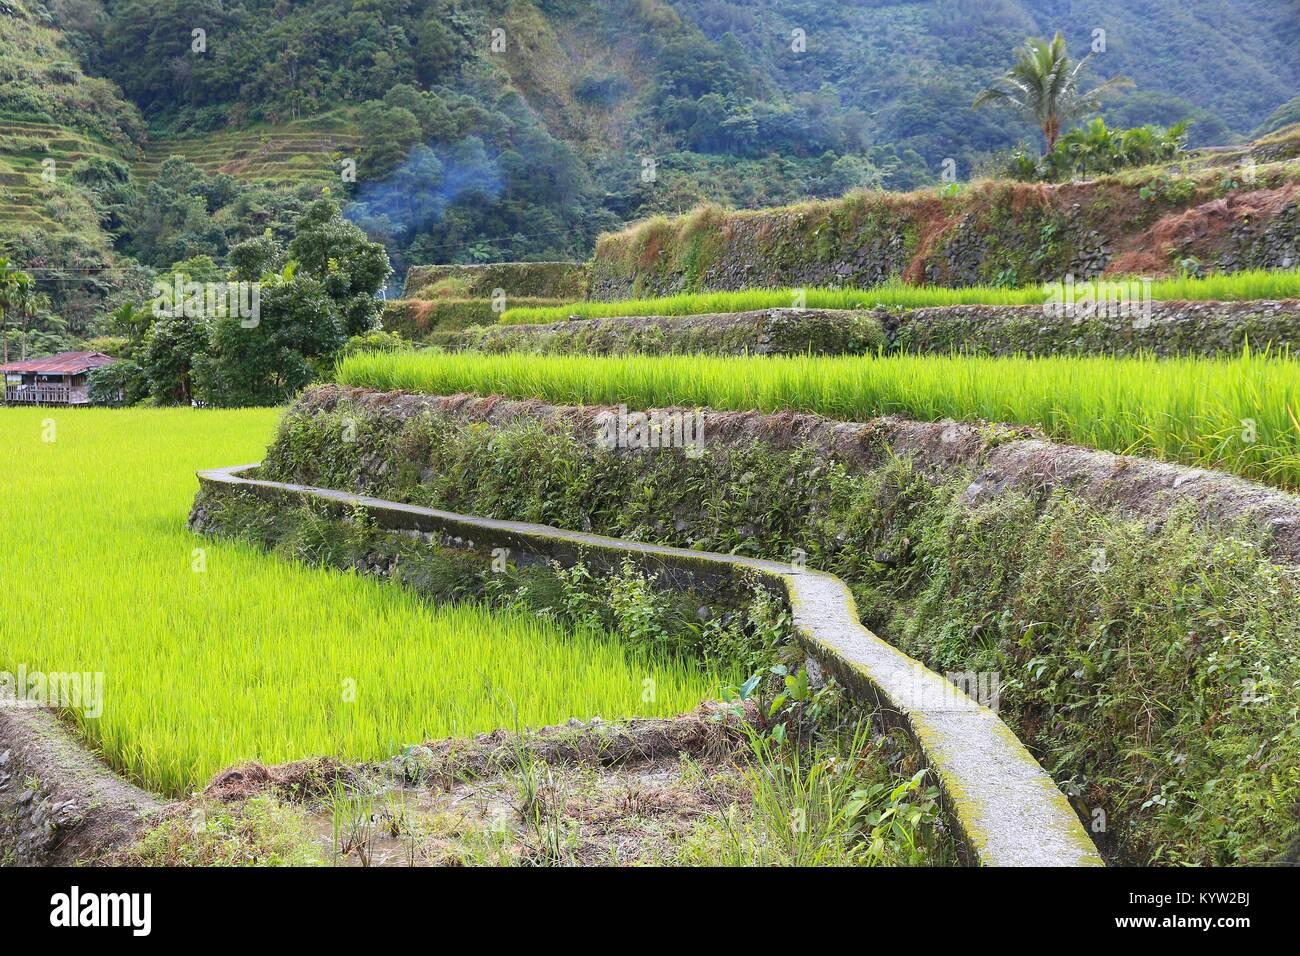 Las Terrazas De Arroz De Filipinas El Cultivo De Arroz En